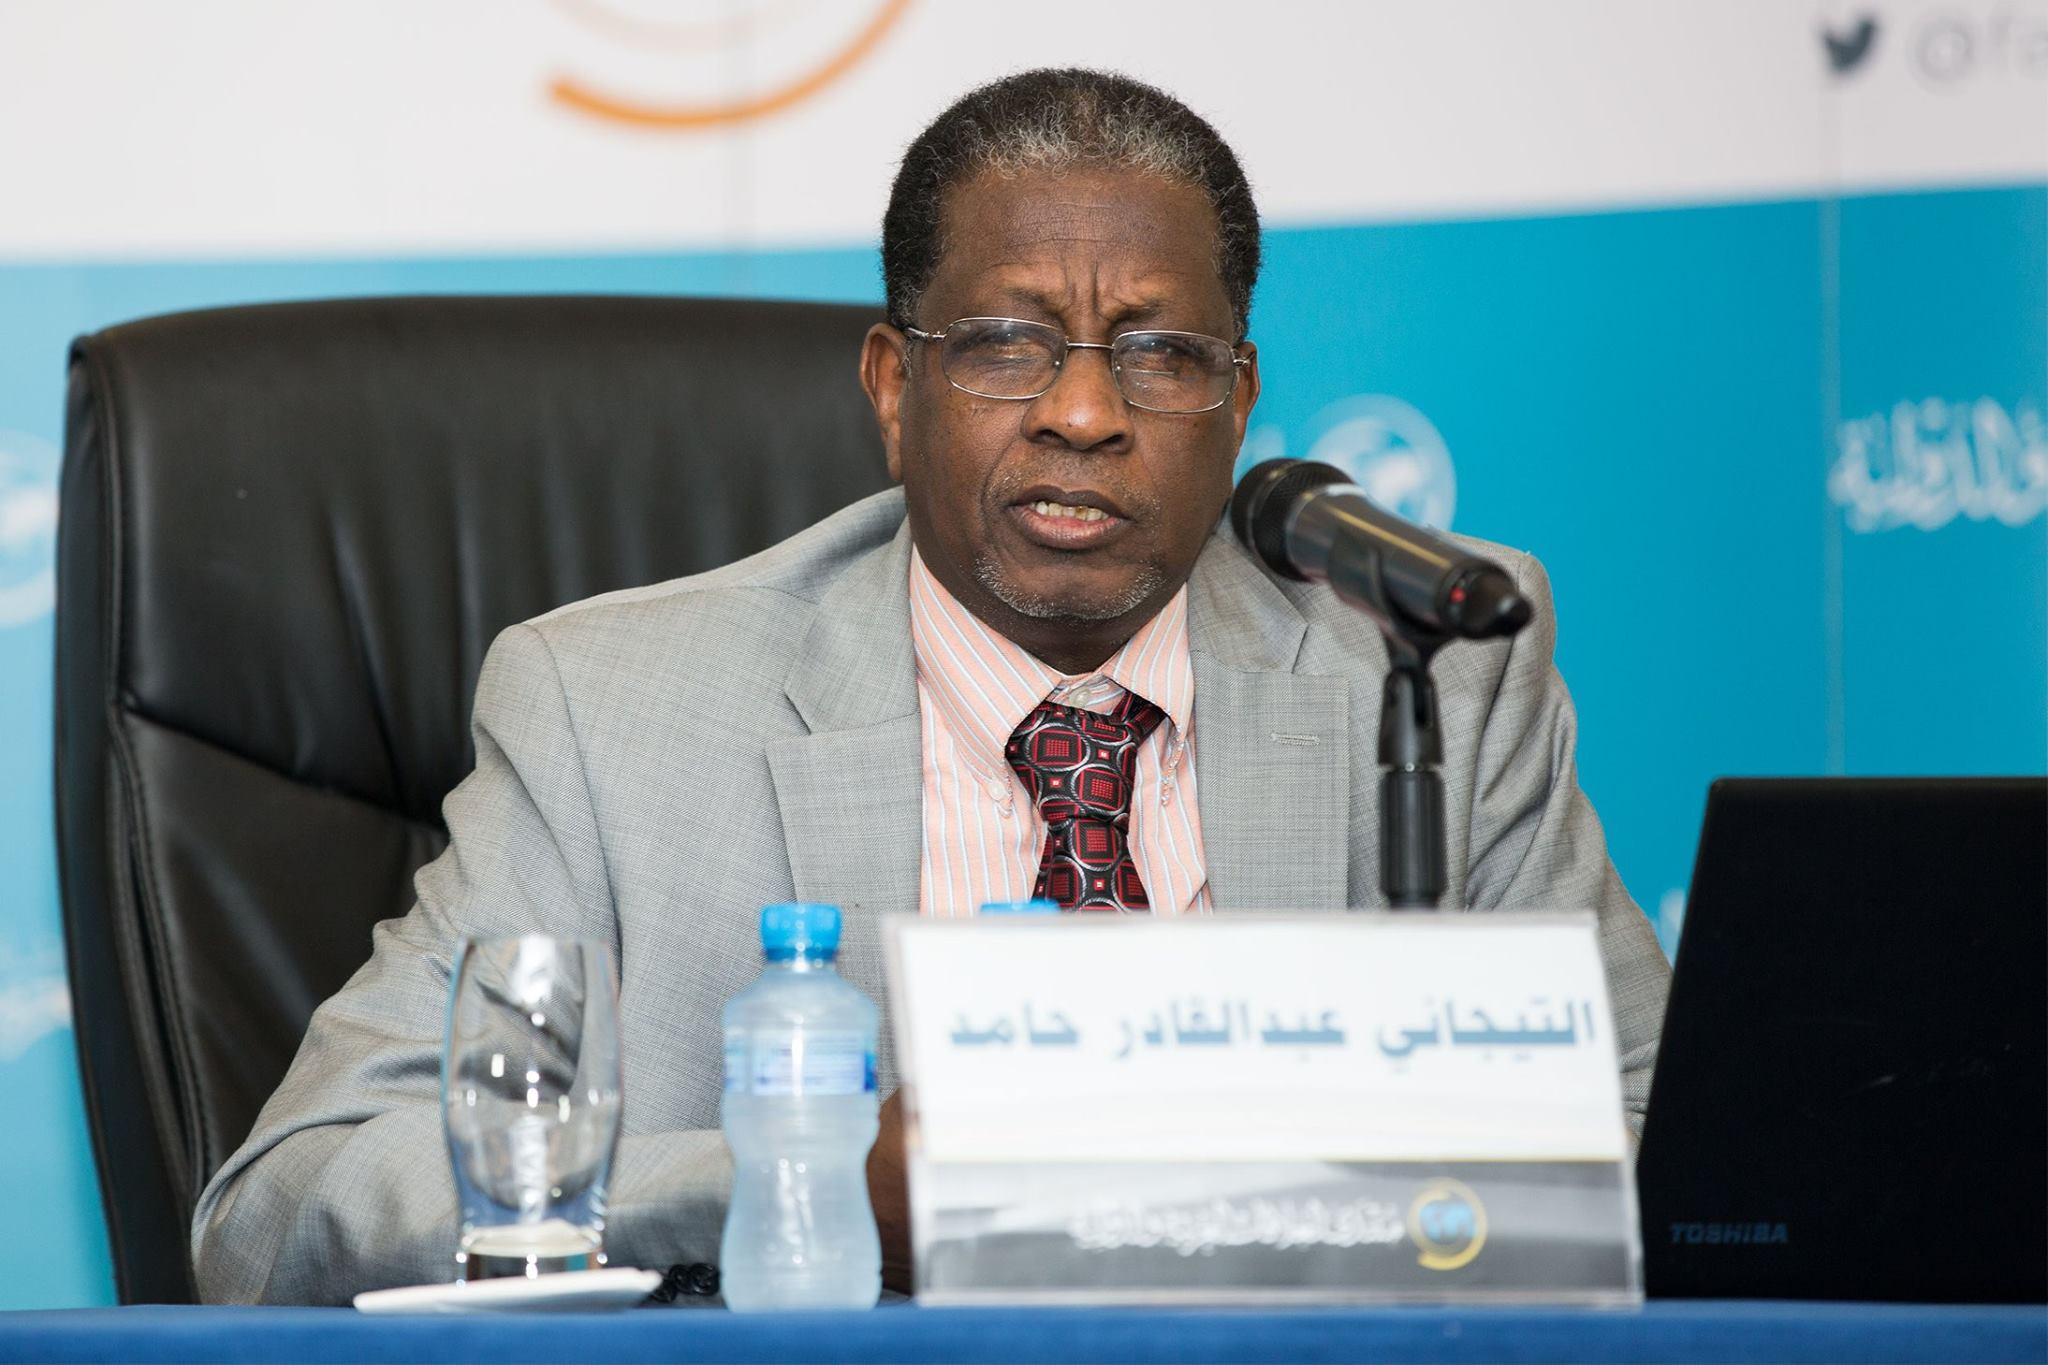 السودان في مفترق الطرق: اتفاقية للسلام أم انقلاب ناعم؟